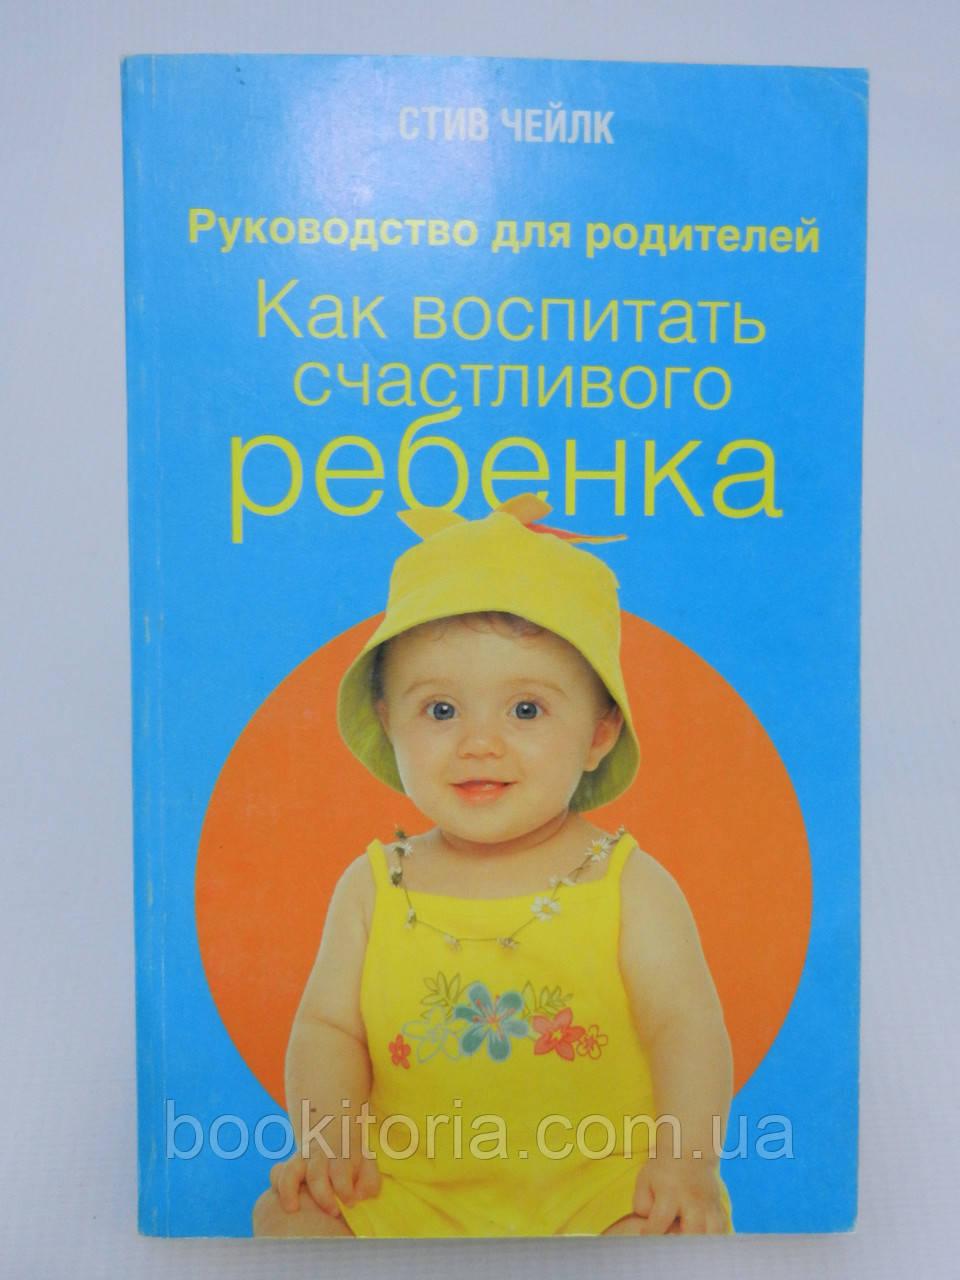 Чейлк С. Как воспитать счастливого ребенка (б/у).